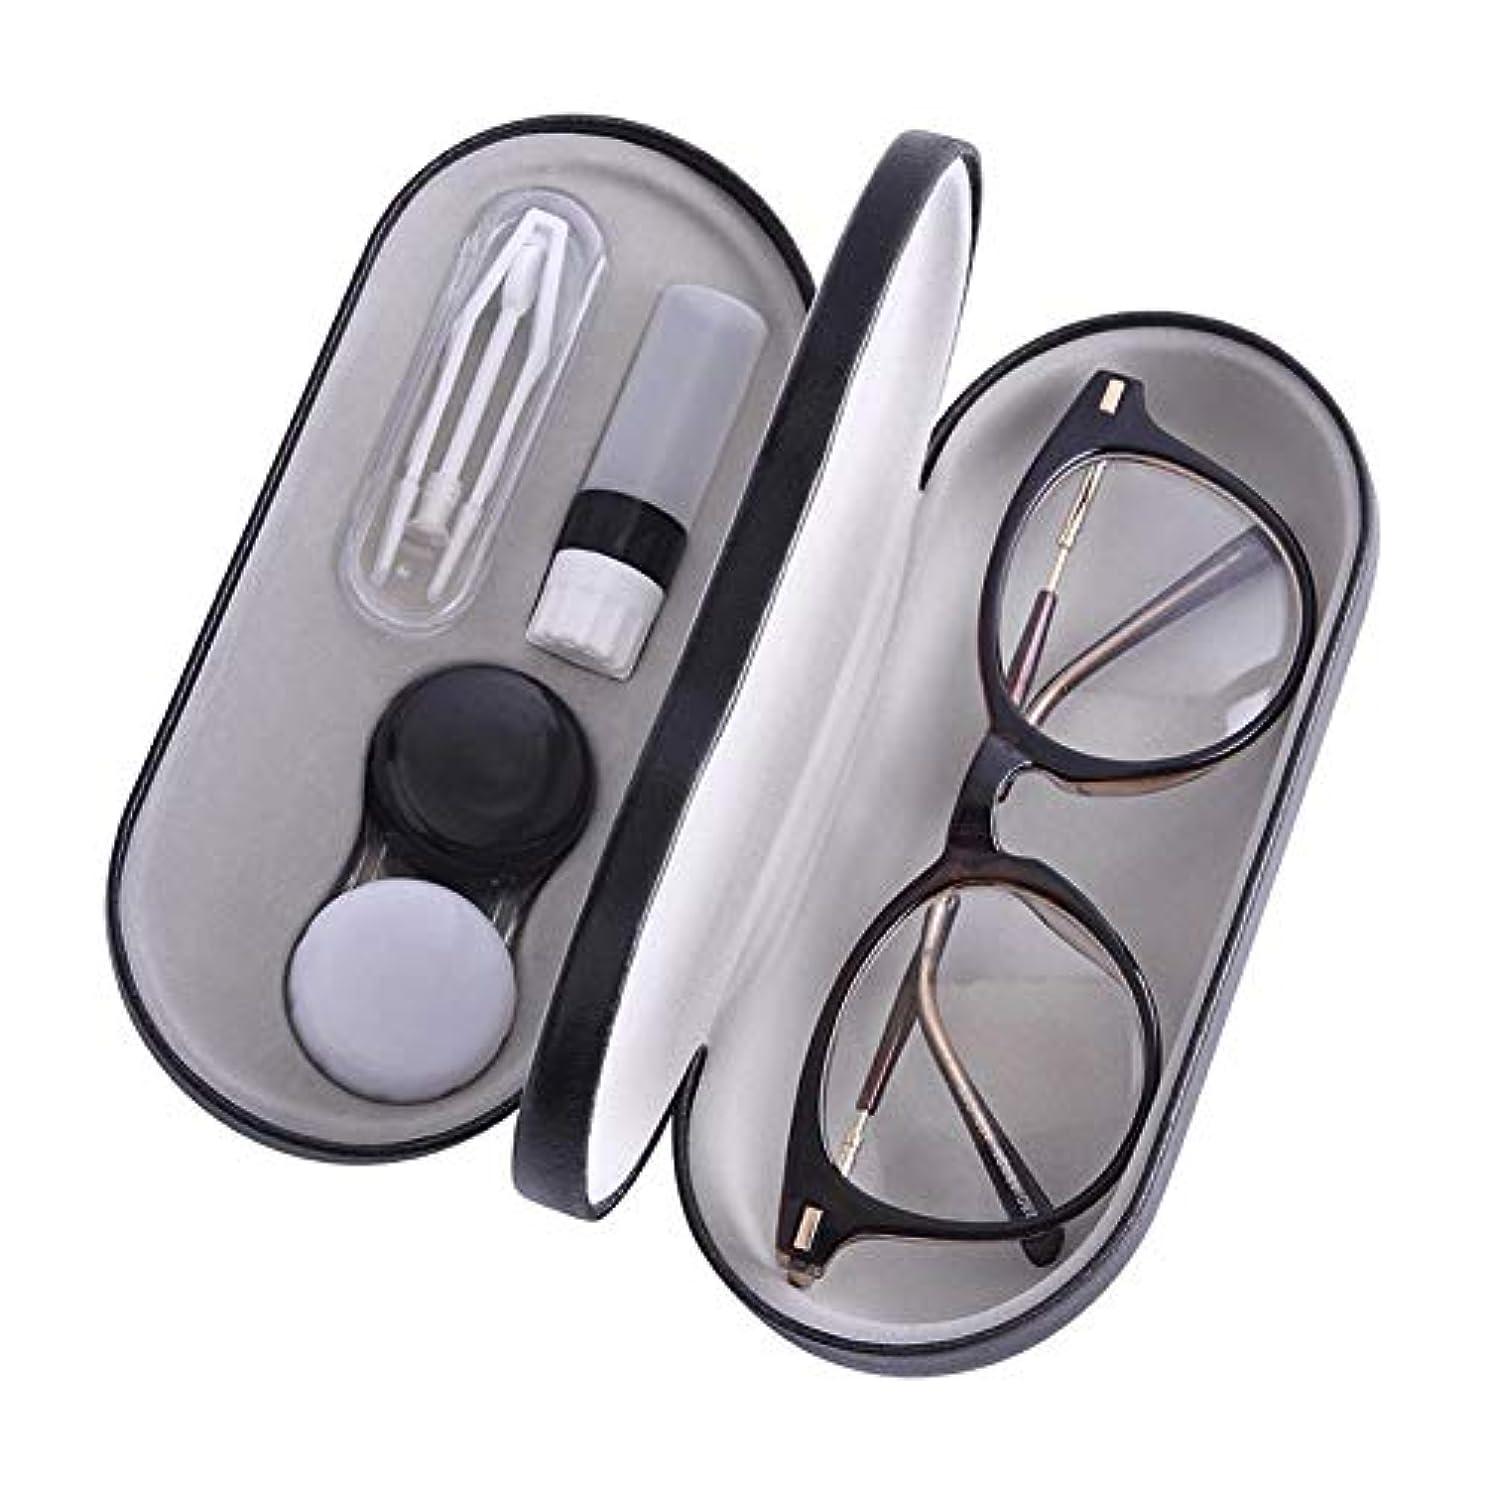 センター植生ふけるコンタクトレンズケーストラベルホームイノベーション両面メガネ収納ボックストラベルセットボックス携帯しやすいミニボックスコンテナコンタクトレンズフレーム